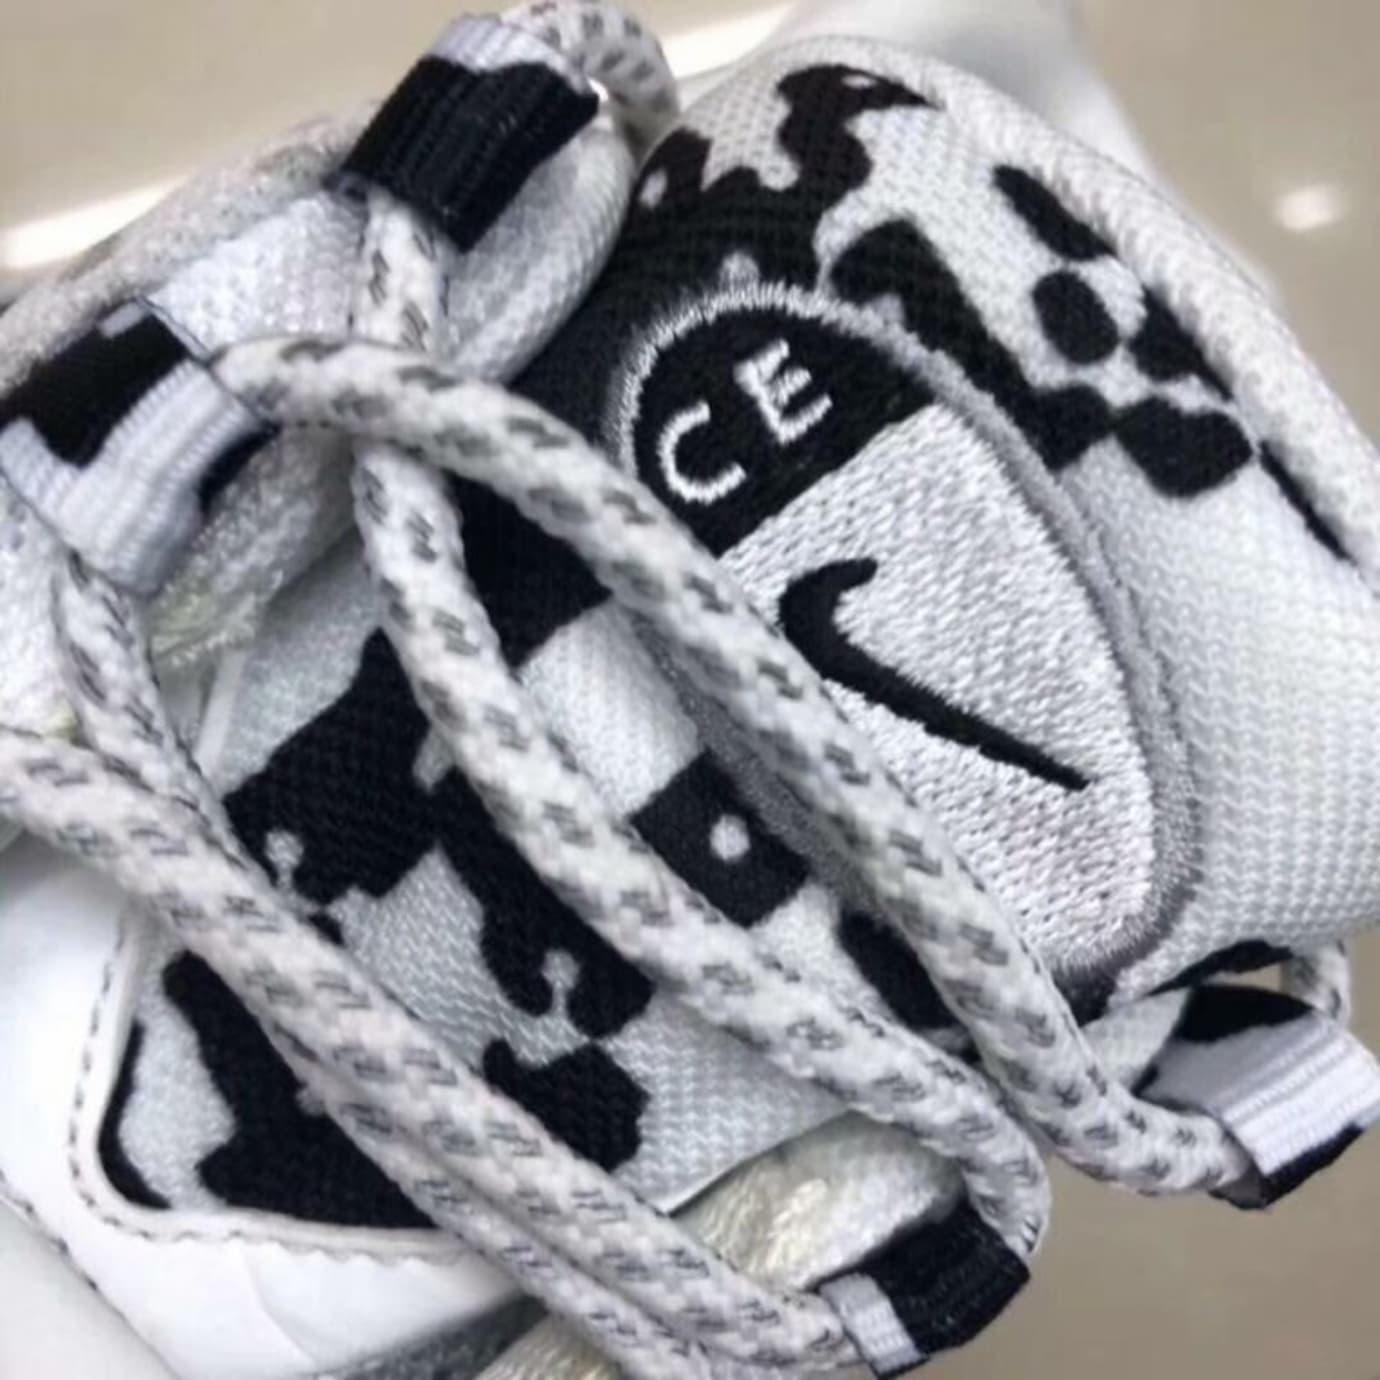 official photos 345e6 f8d6d Cav Empt x Nike Air Max 95 'White/Stealth/Black' 'Blackened ...